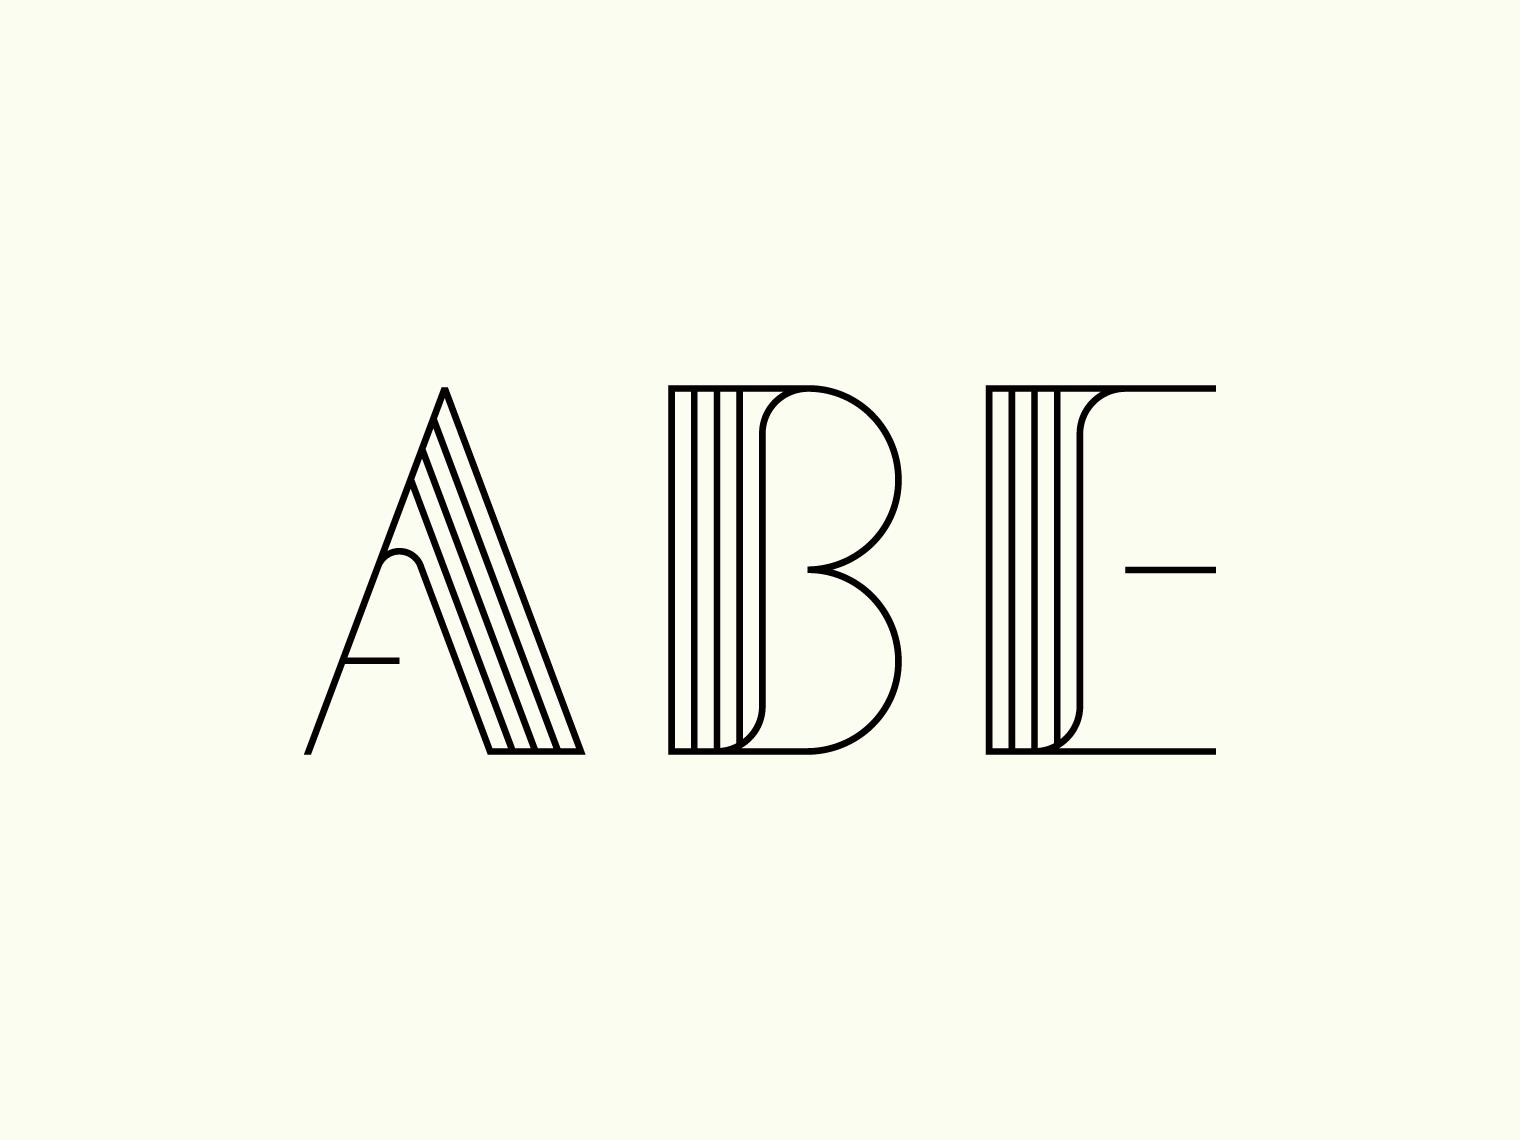 abe1520